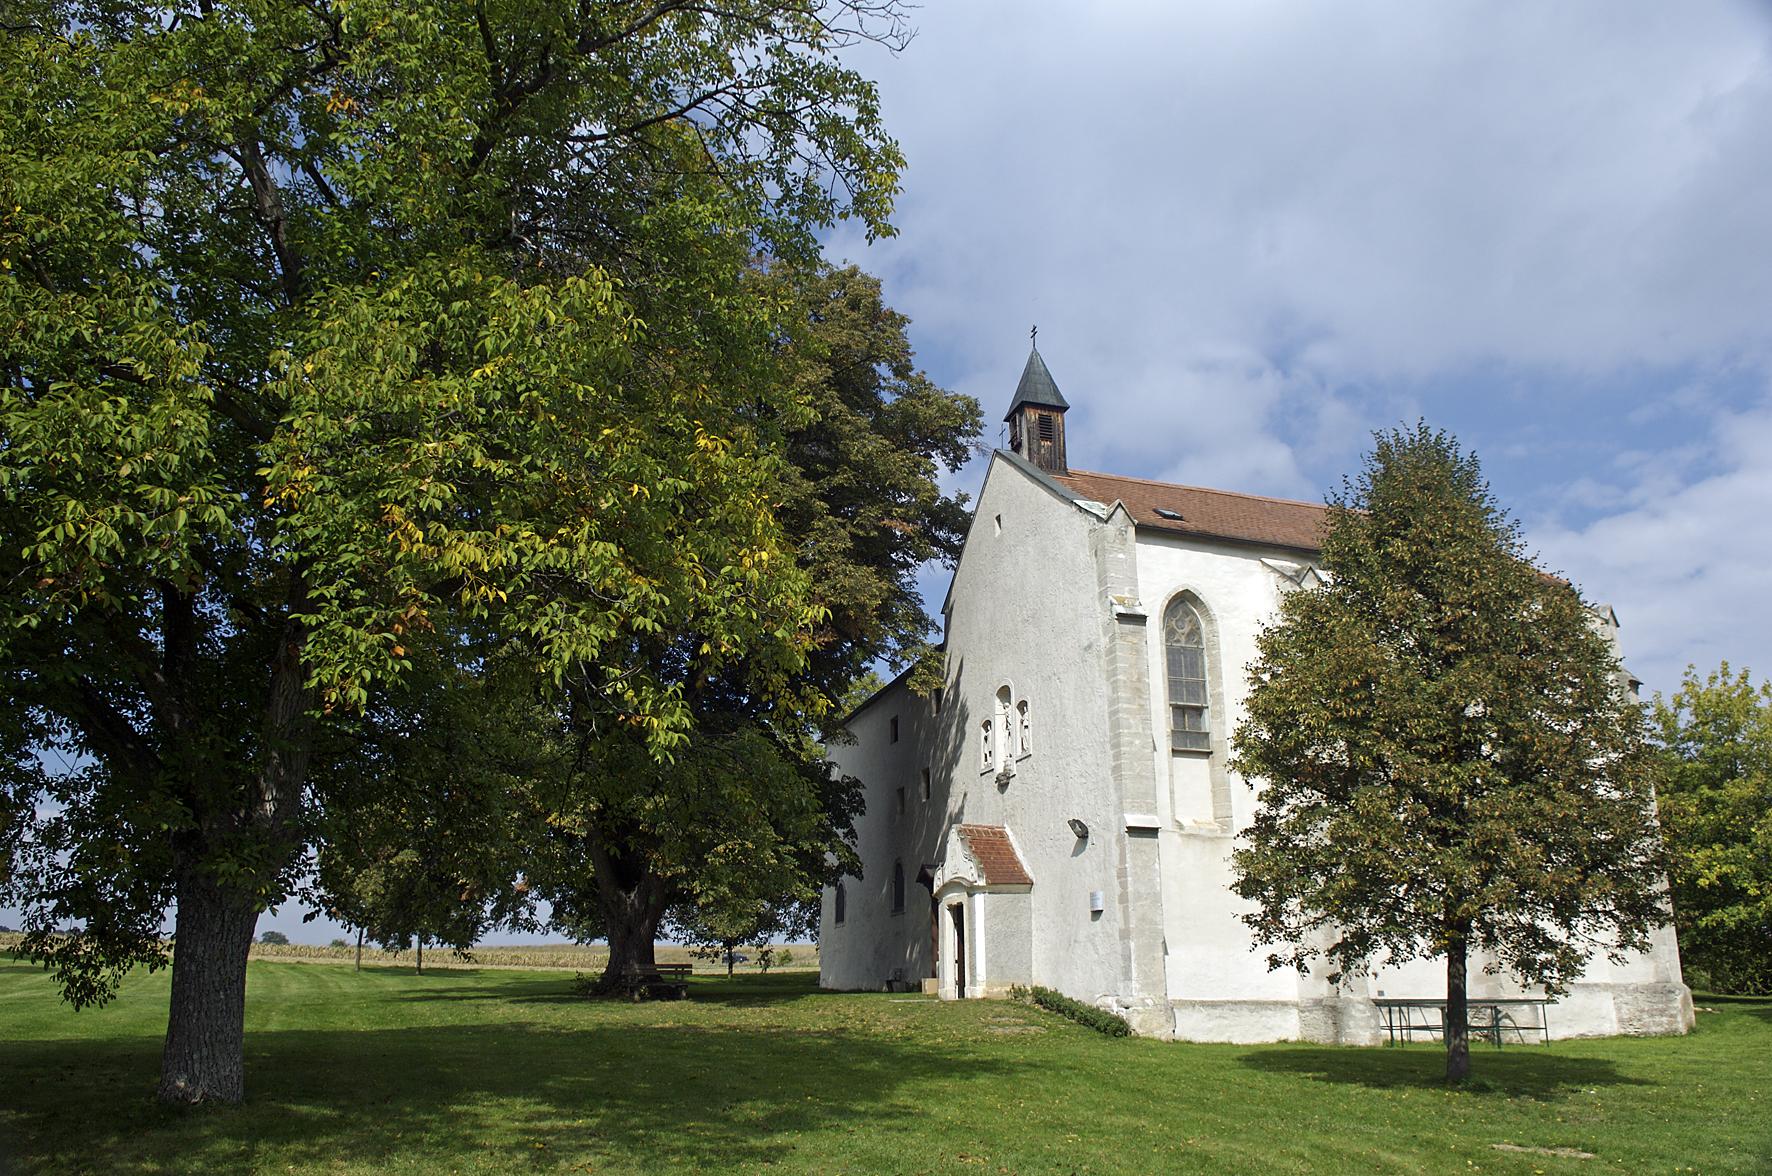 Klosterkirtag Baumgarten